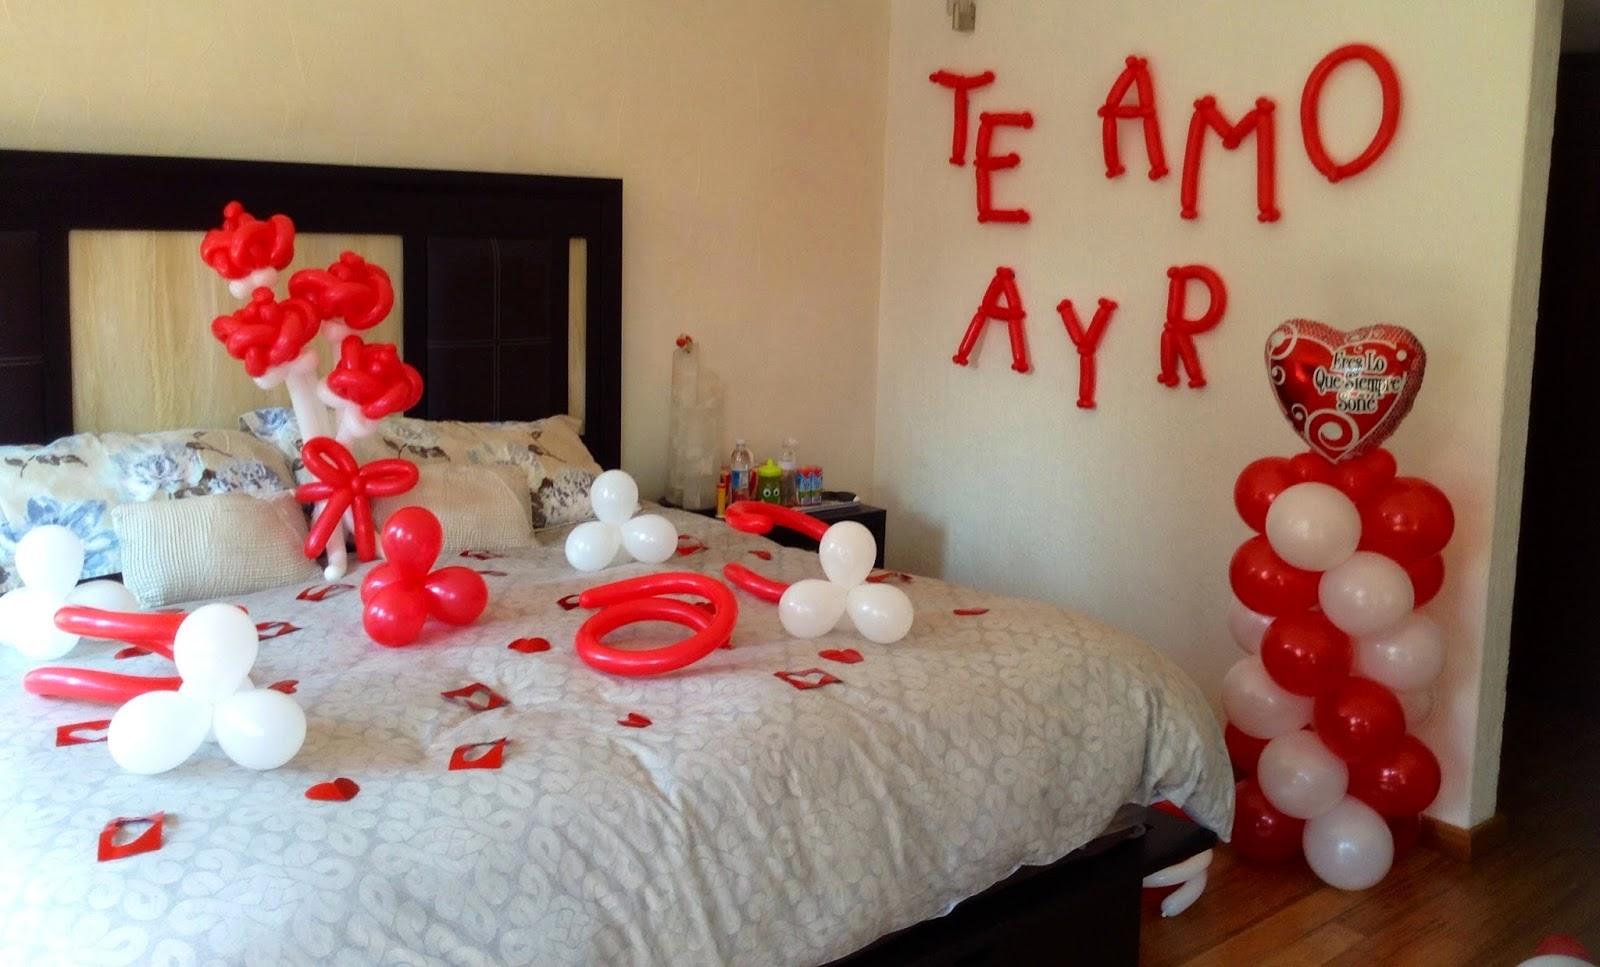 Como preparar noche romantica best como preparar noche for Cuartos decorados romanticos con globos